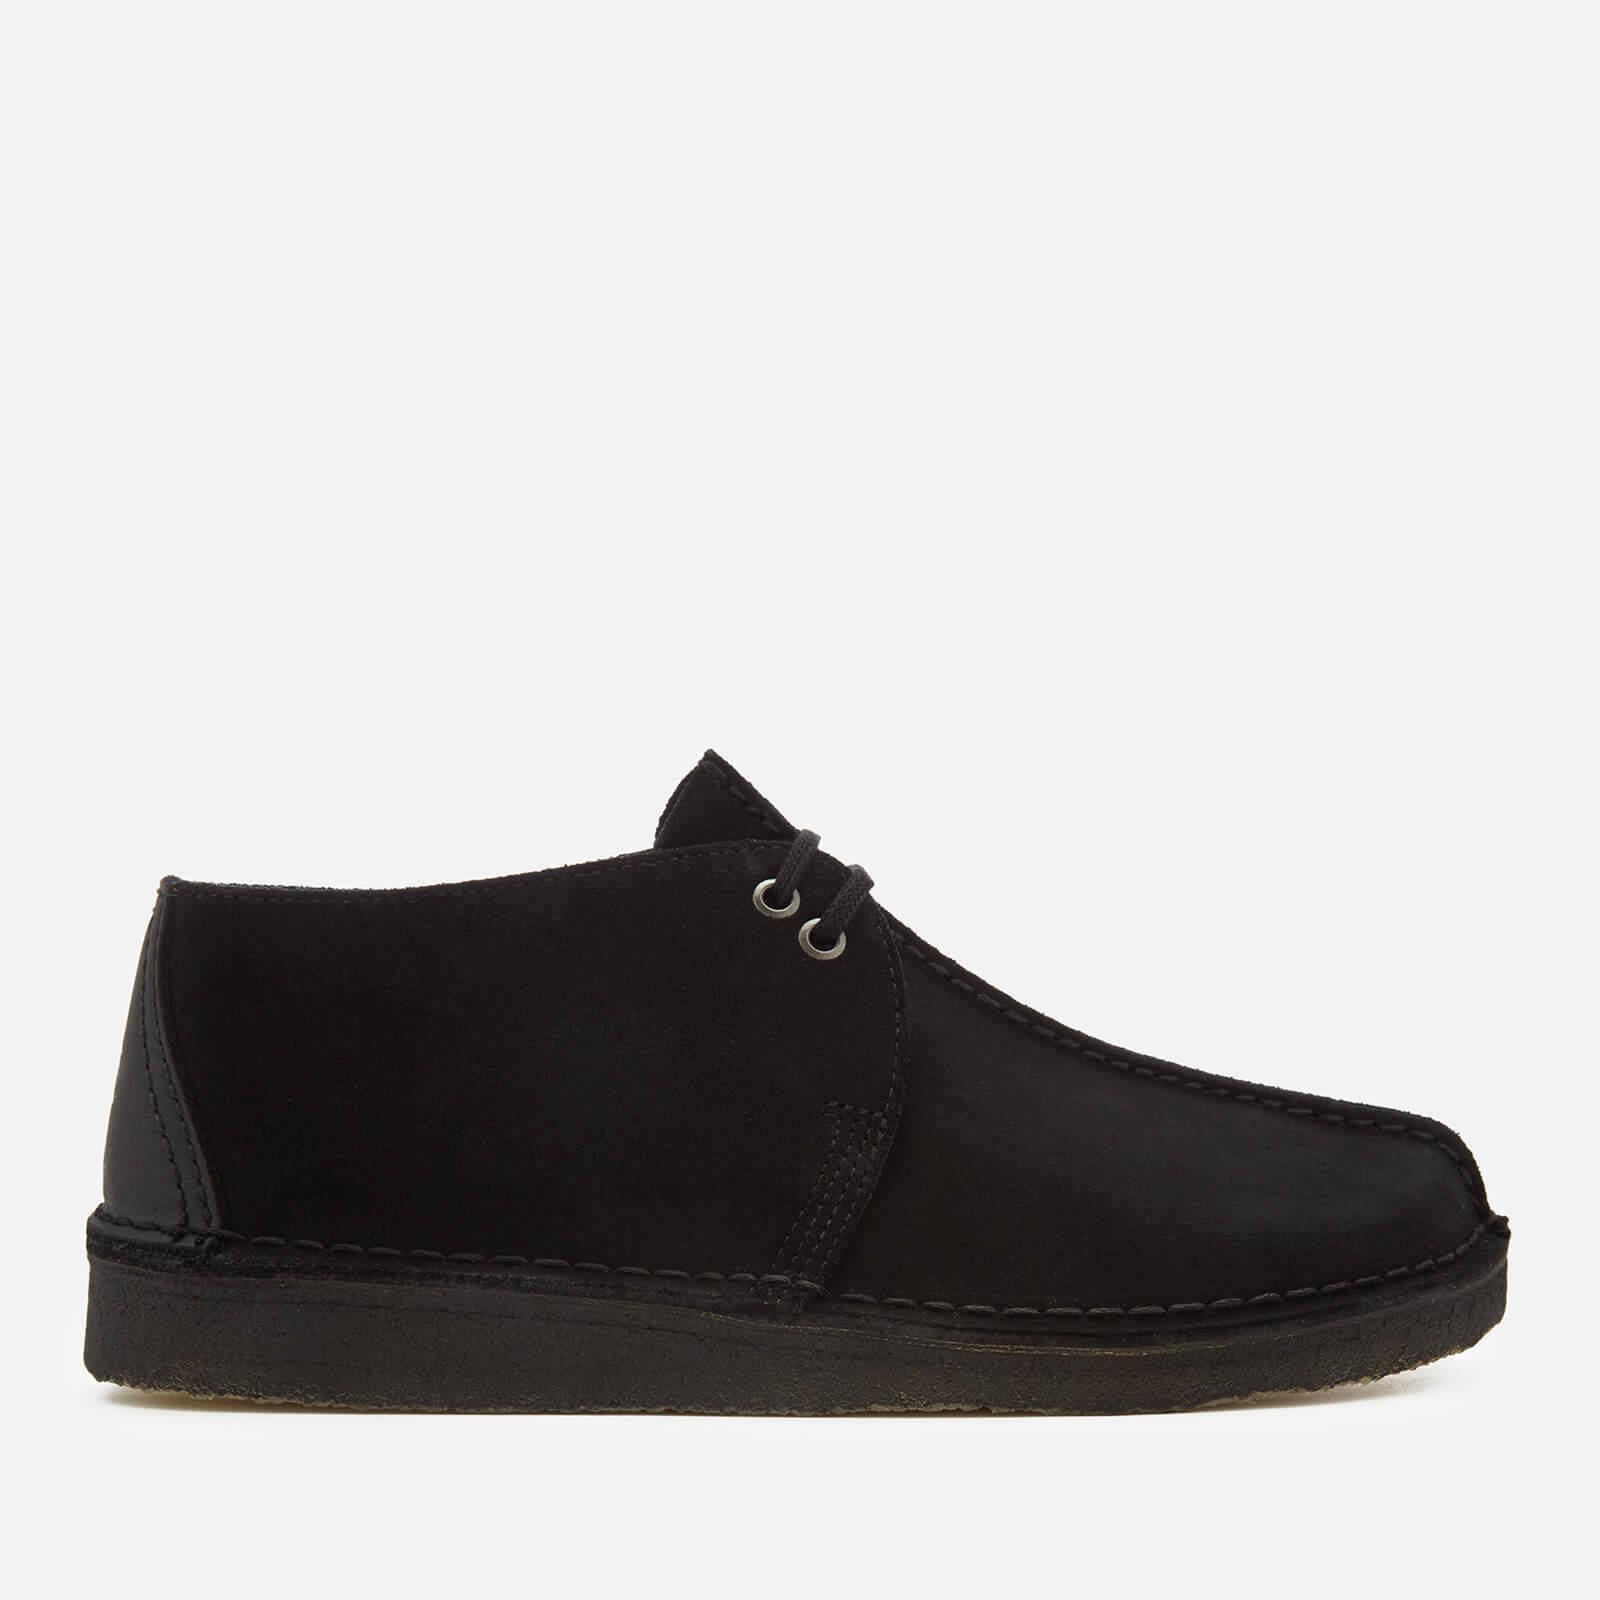 Clarks Originals Men's Desert Trek Suede Shoes - Black - UK 8